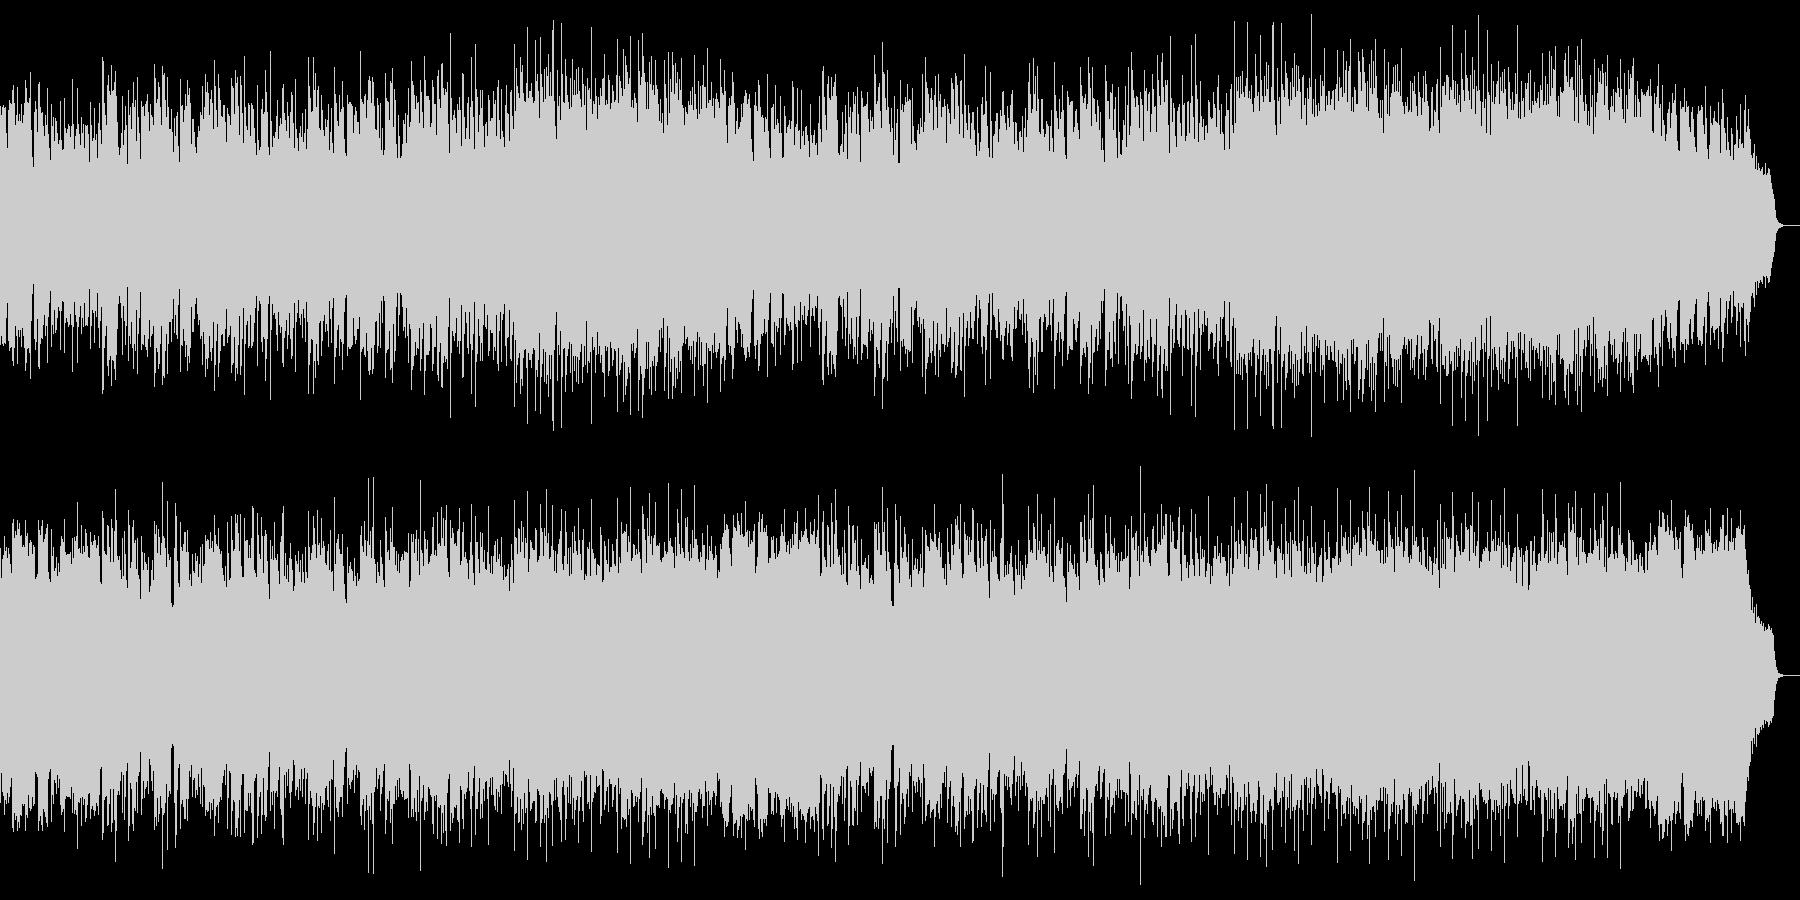 明るくて清々しいピアノ中心のジャズワルツの未再生の波形